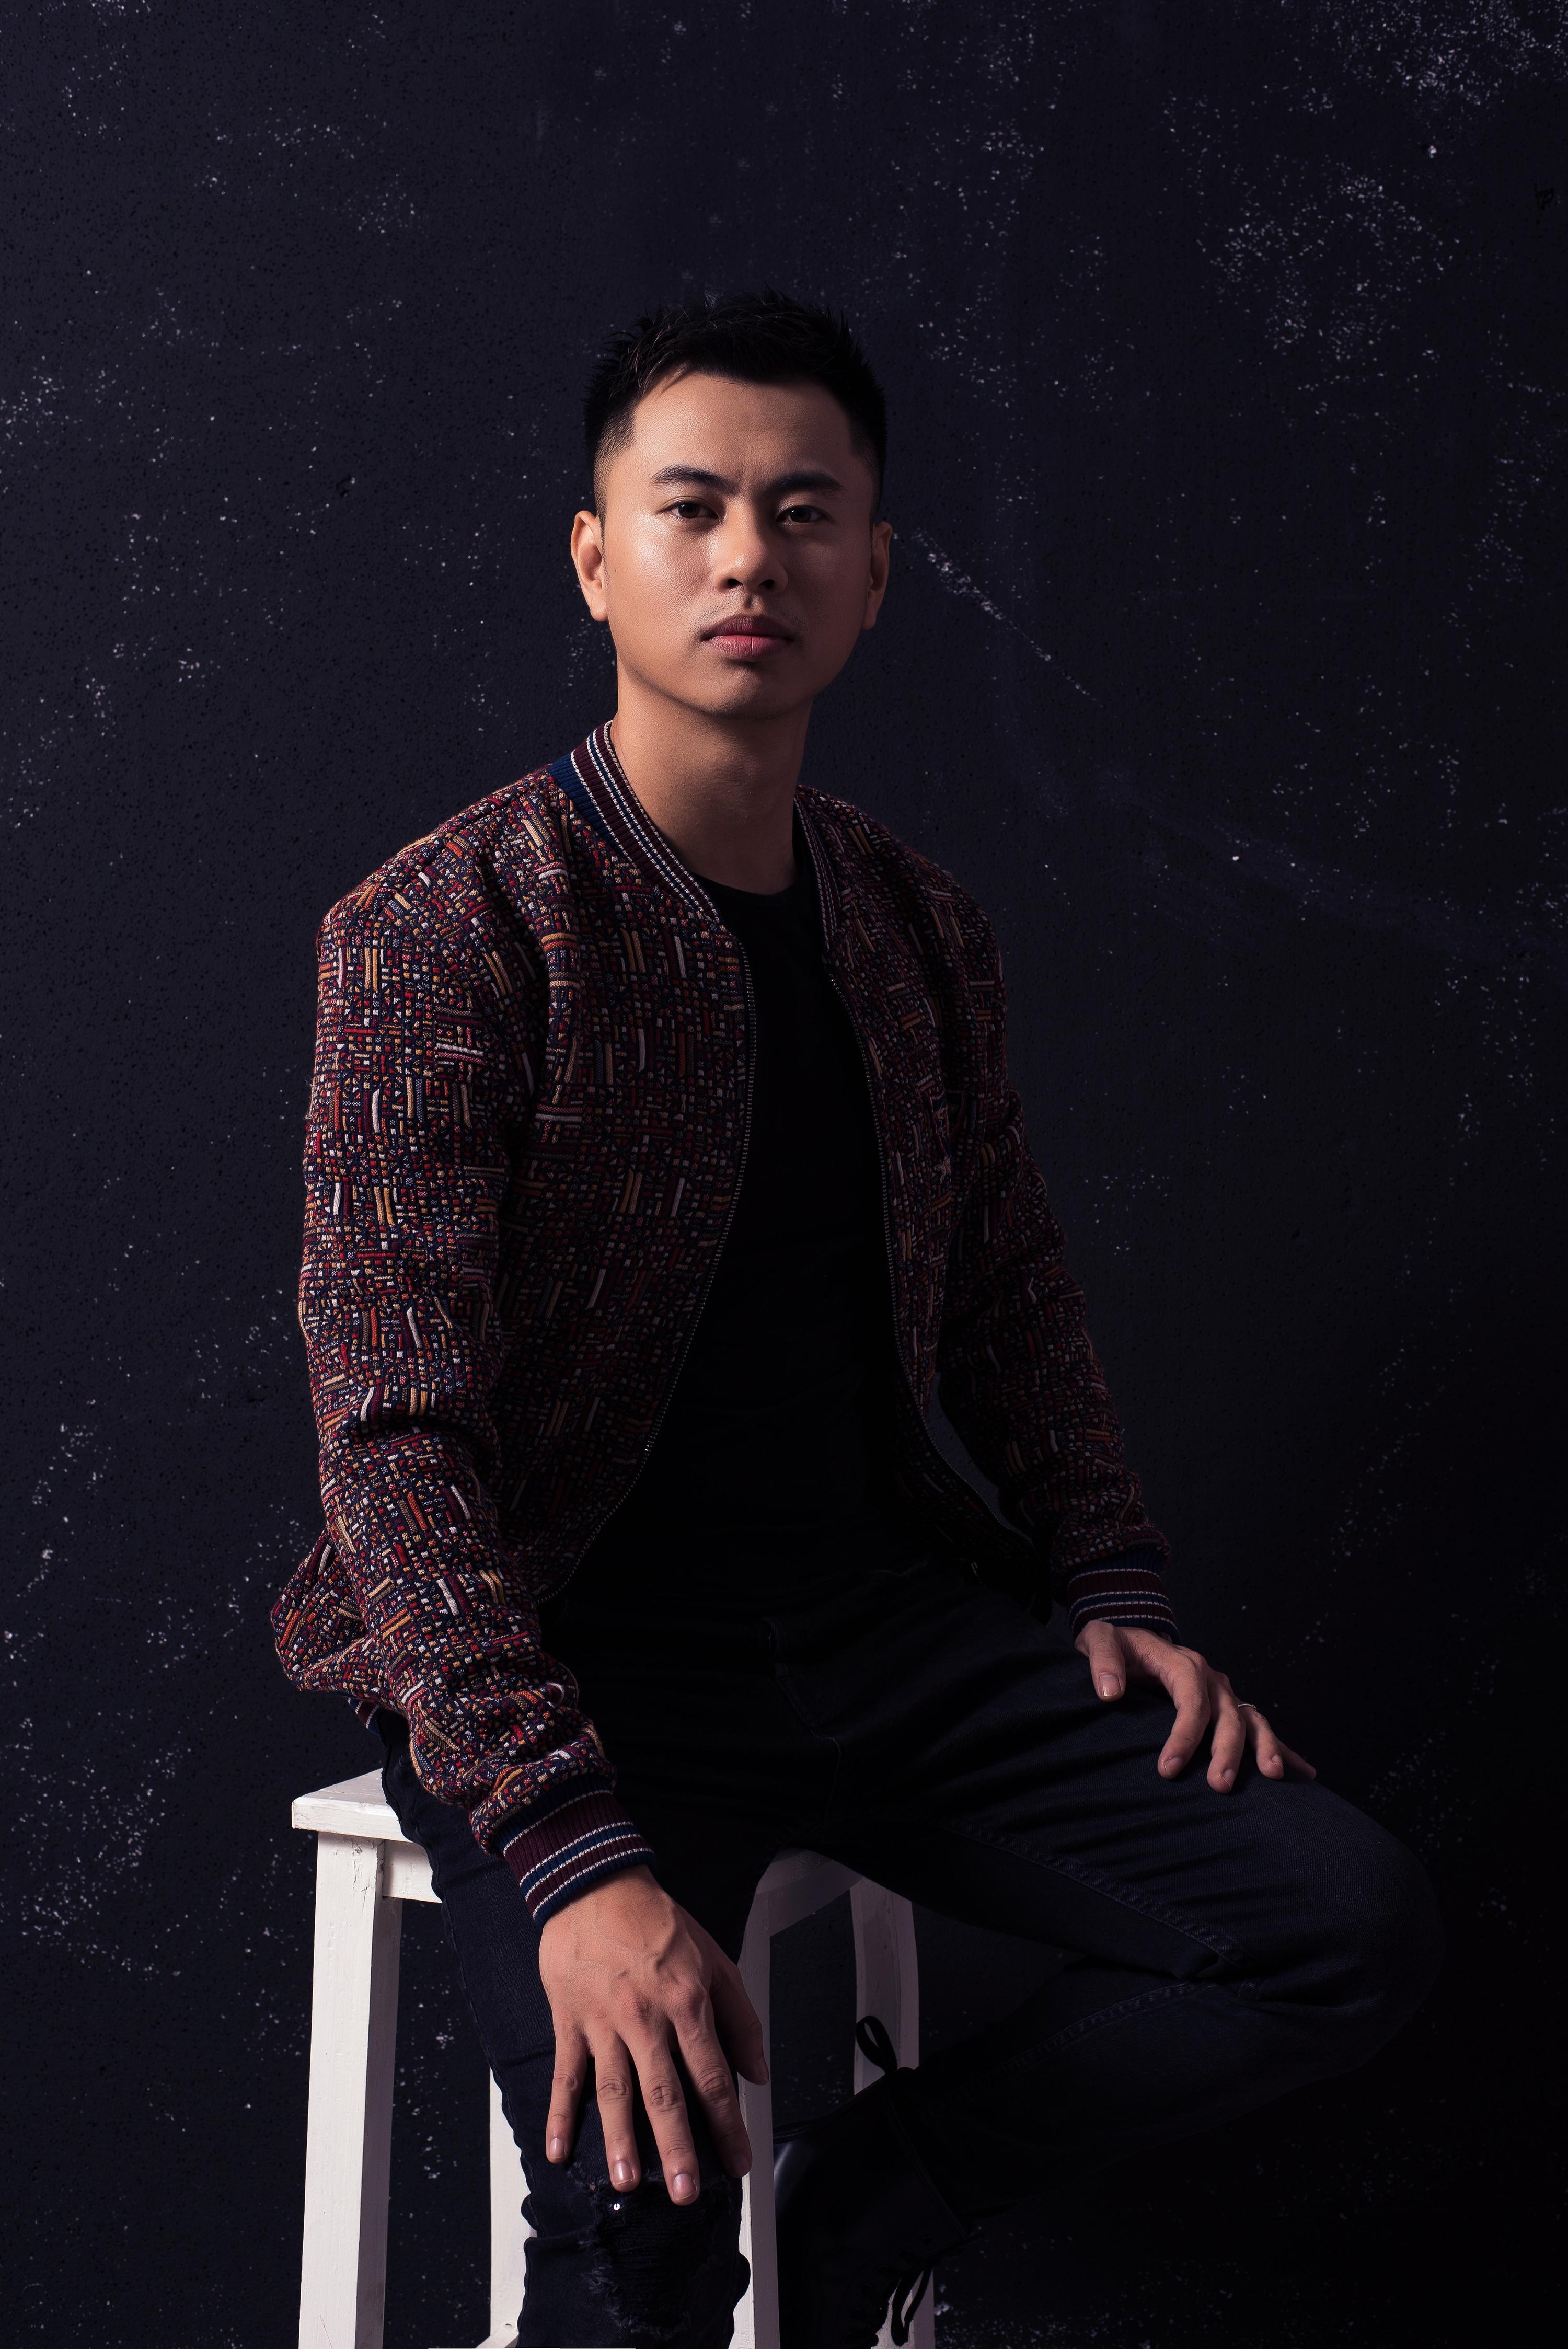 Đông Hùng nhiều lần cáu giận vì sự khó tính của nhạc sĩ Dương Cầm-1